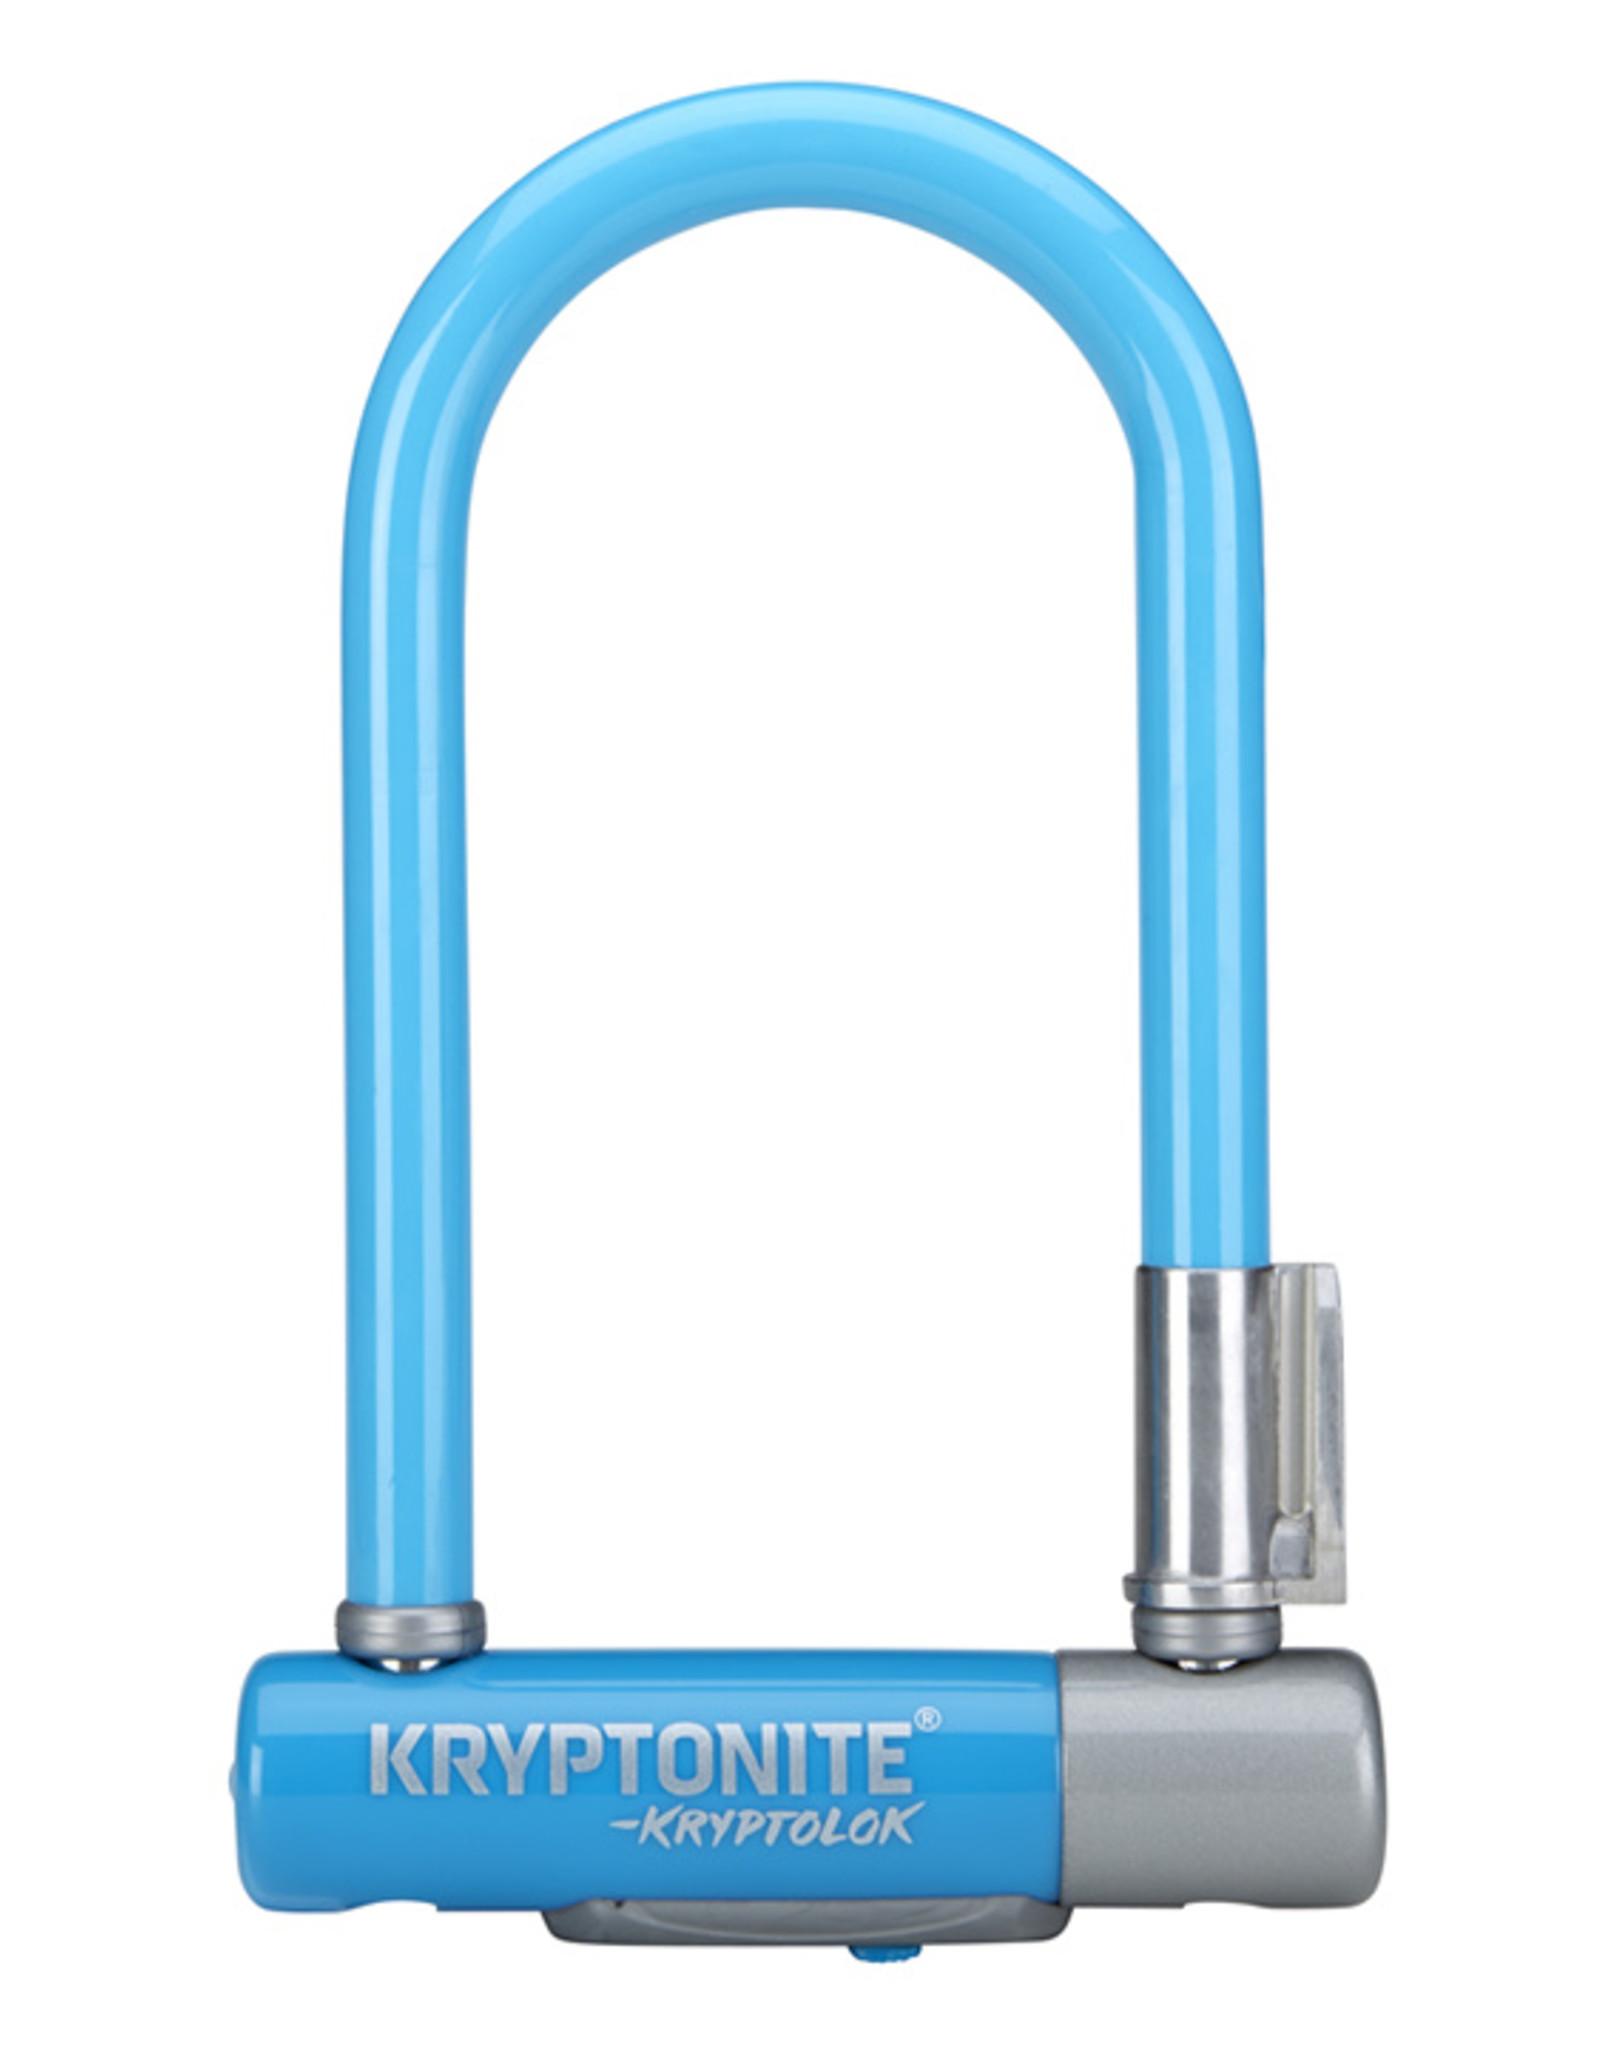 Kryptonite Kryptonite Kryptolok Mini-7